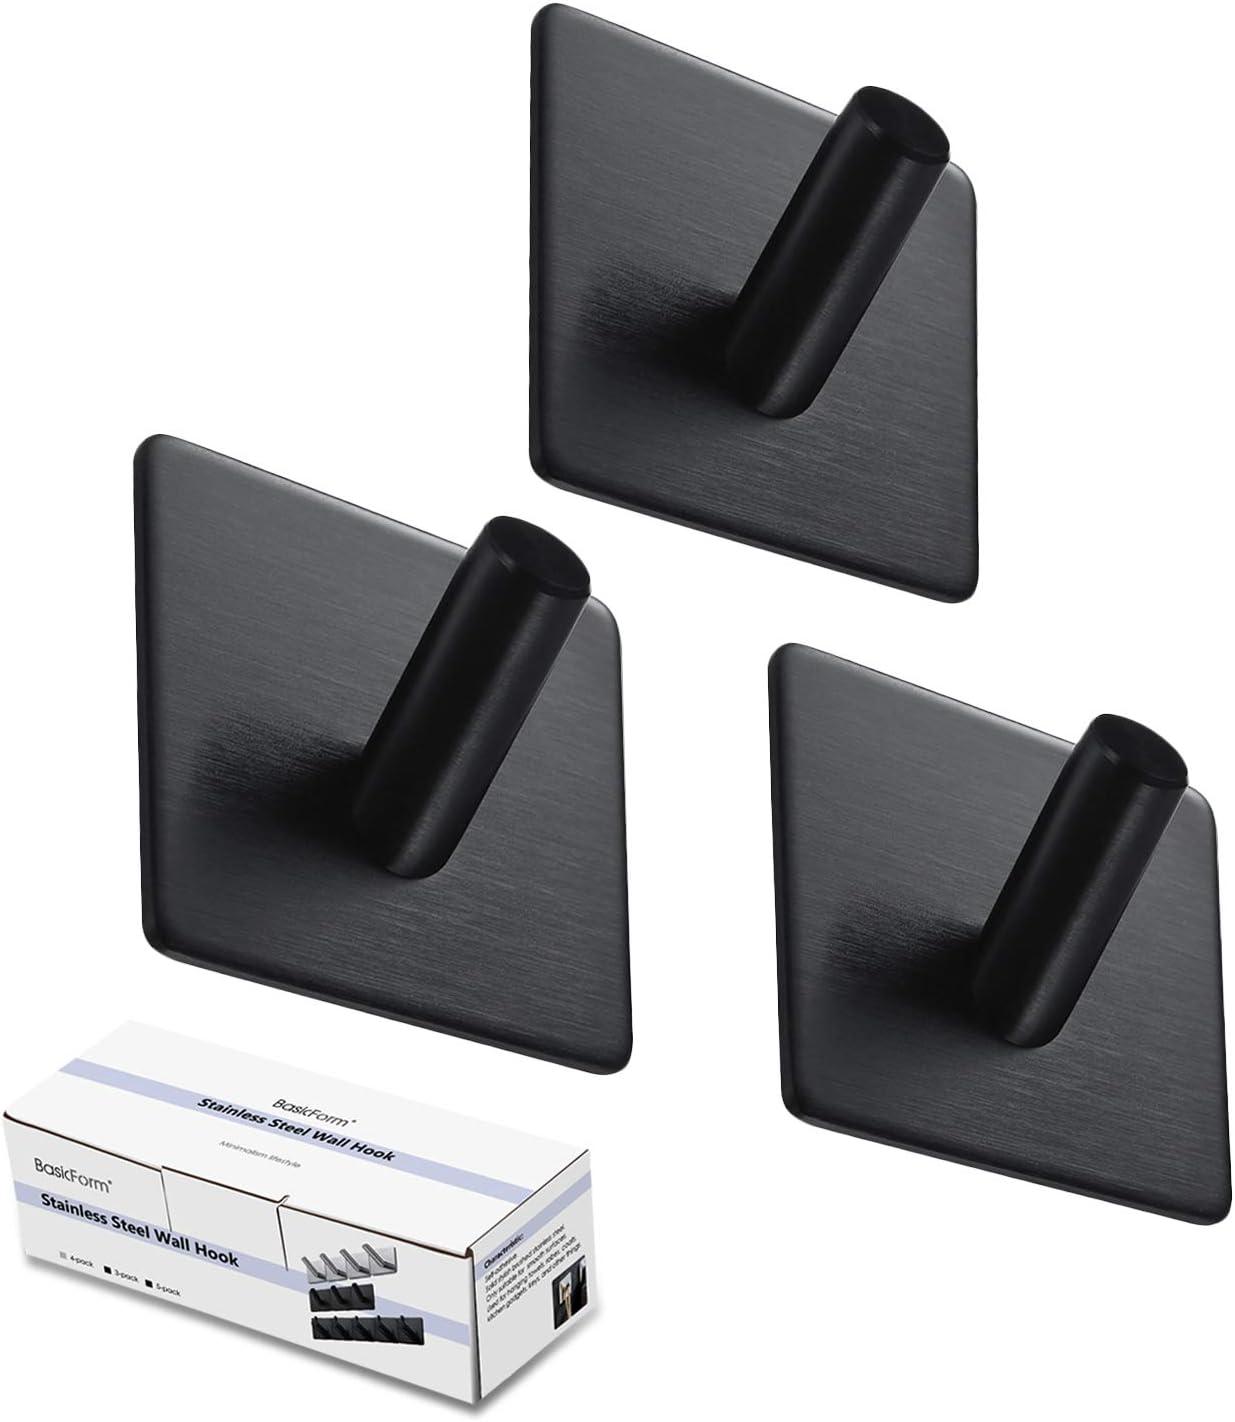 BasicForm Ganchos Adhesivos de Acero Inoxidable Ultra Fuerte Adhesivo para Baño y Cocina Negro (1-Gancho x 3 Piezas)